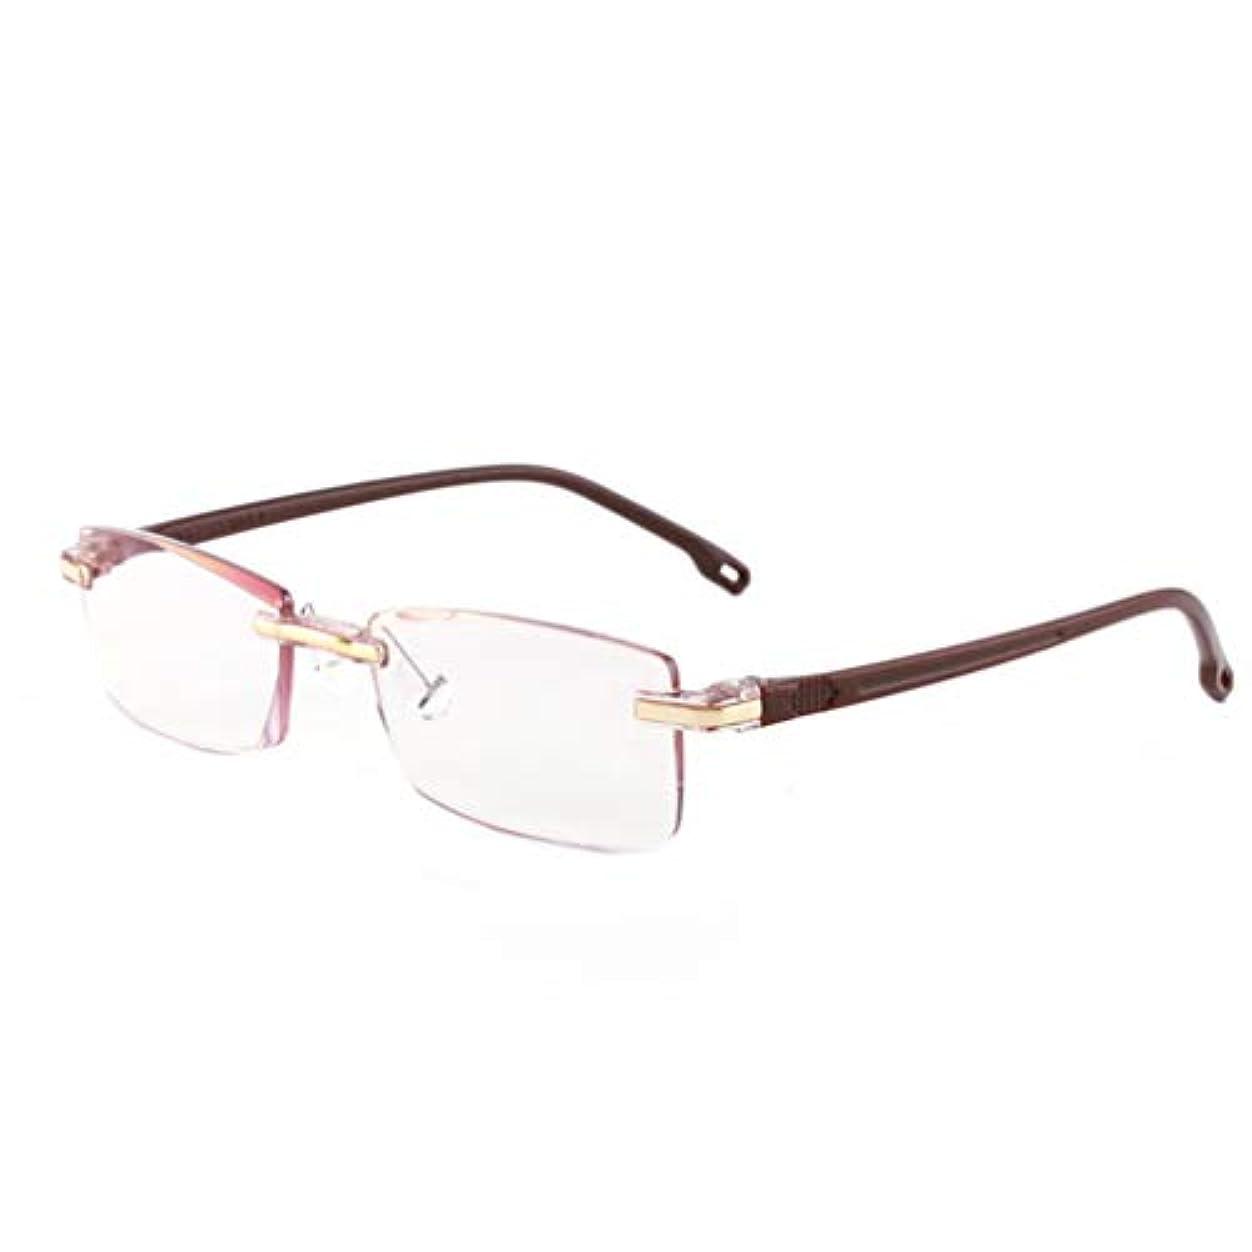 トマトモットー着服HD老眼鏡、スーパーライトスタイリッシュな男性女性太陽メガネ 、アンチブルーライトアンチ頭痛眼精疲労、コンフォートスプリングヒンジ、ダイヤモンドカットエッジフレームレス老眼鏡